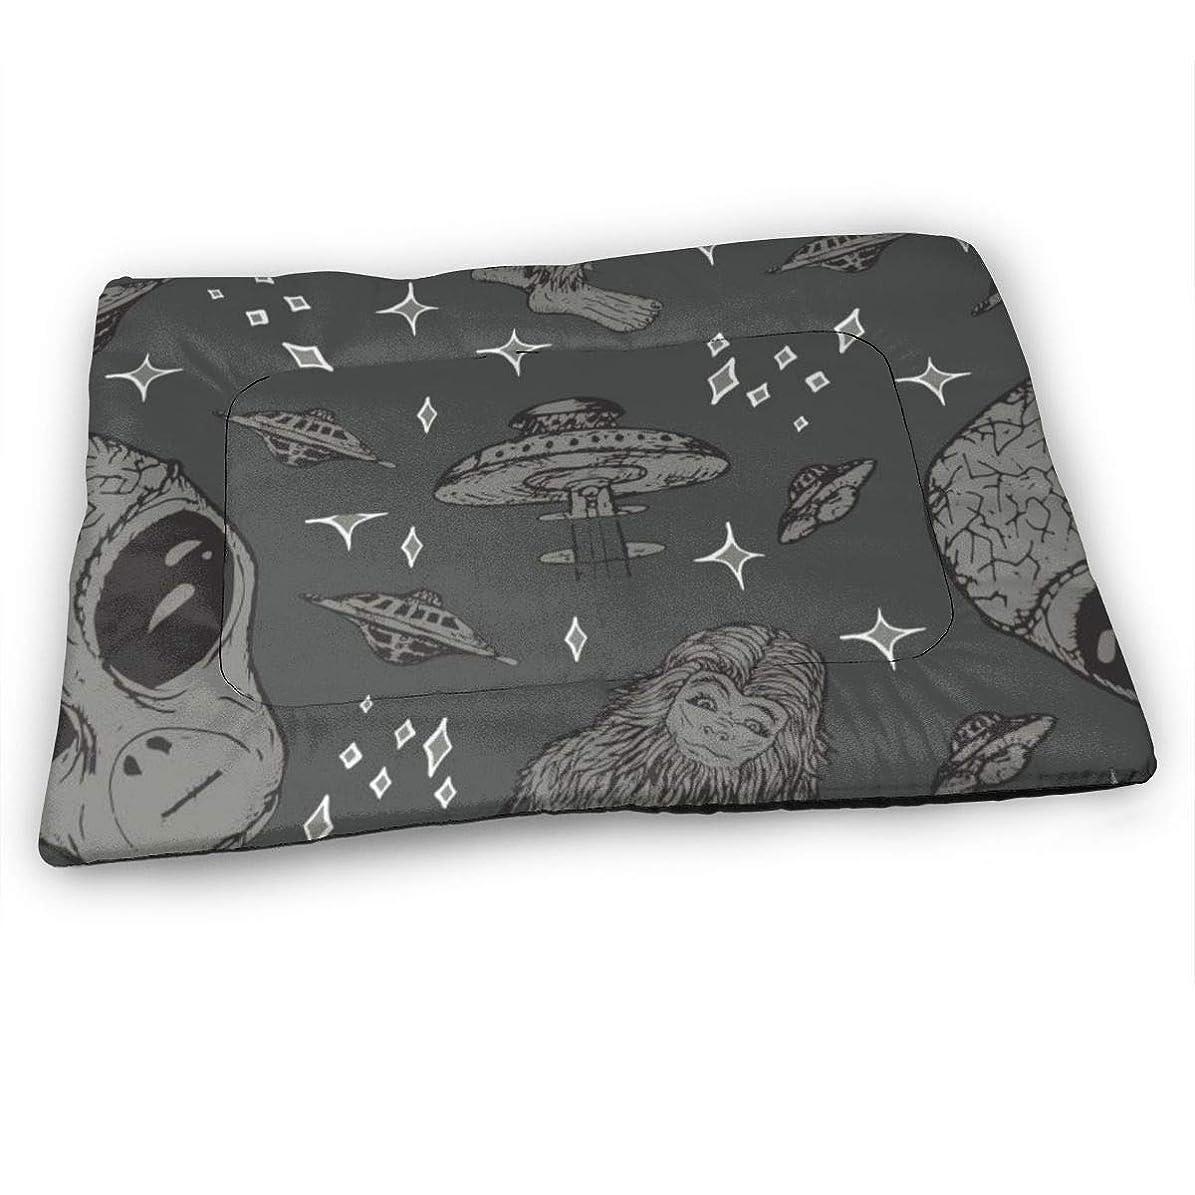 すなわち驚くべき既にペットベッド ペットマット エイリアン UFO ゴリラ ペットカーペット ペットシーツ ペットクッション 中型 犬 猫 ベッド 防水 速乾 消臭 滑り止め ふわふわ 暖かい ペットハウス 清掃しやすい 睡眠マット 通年使える